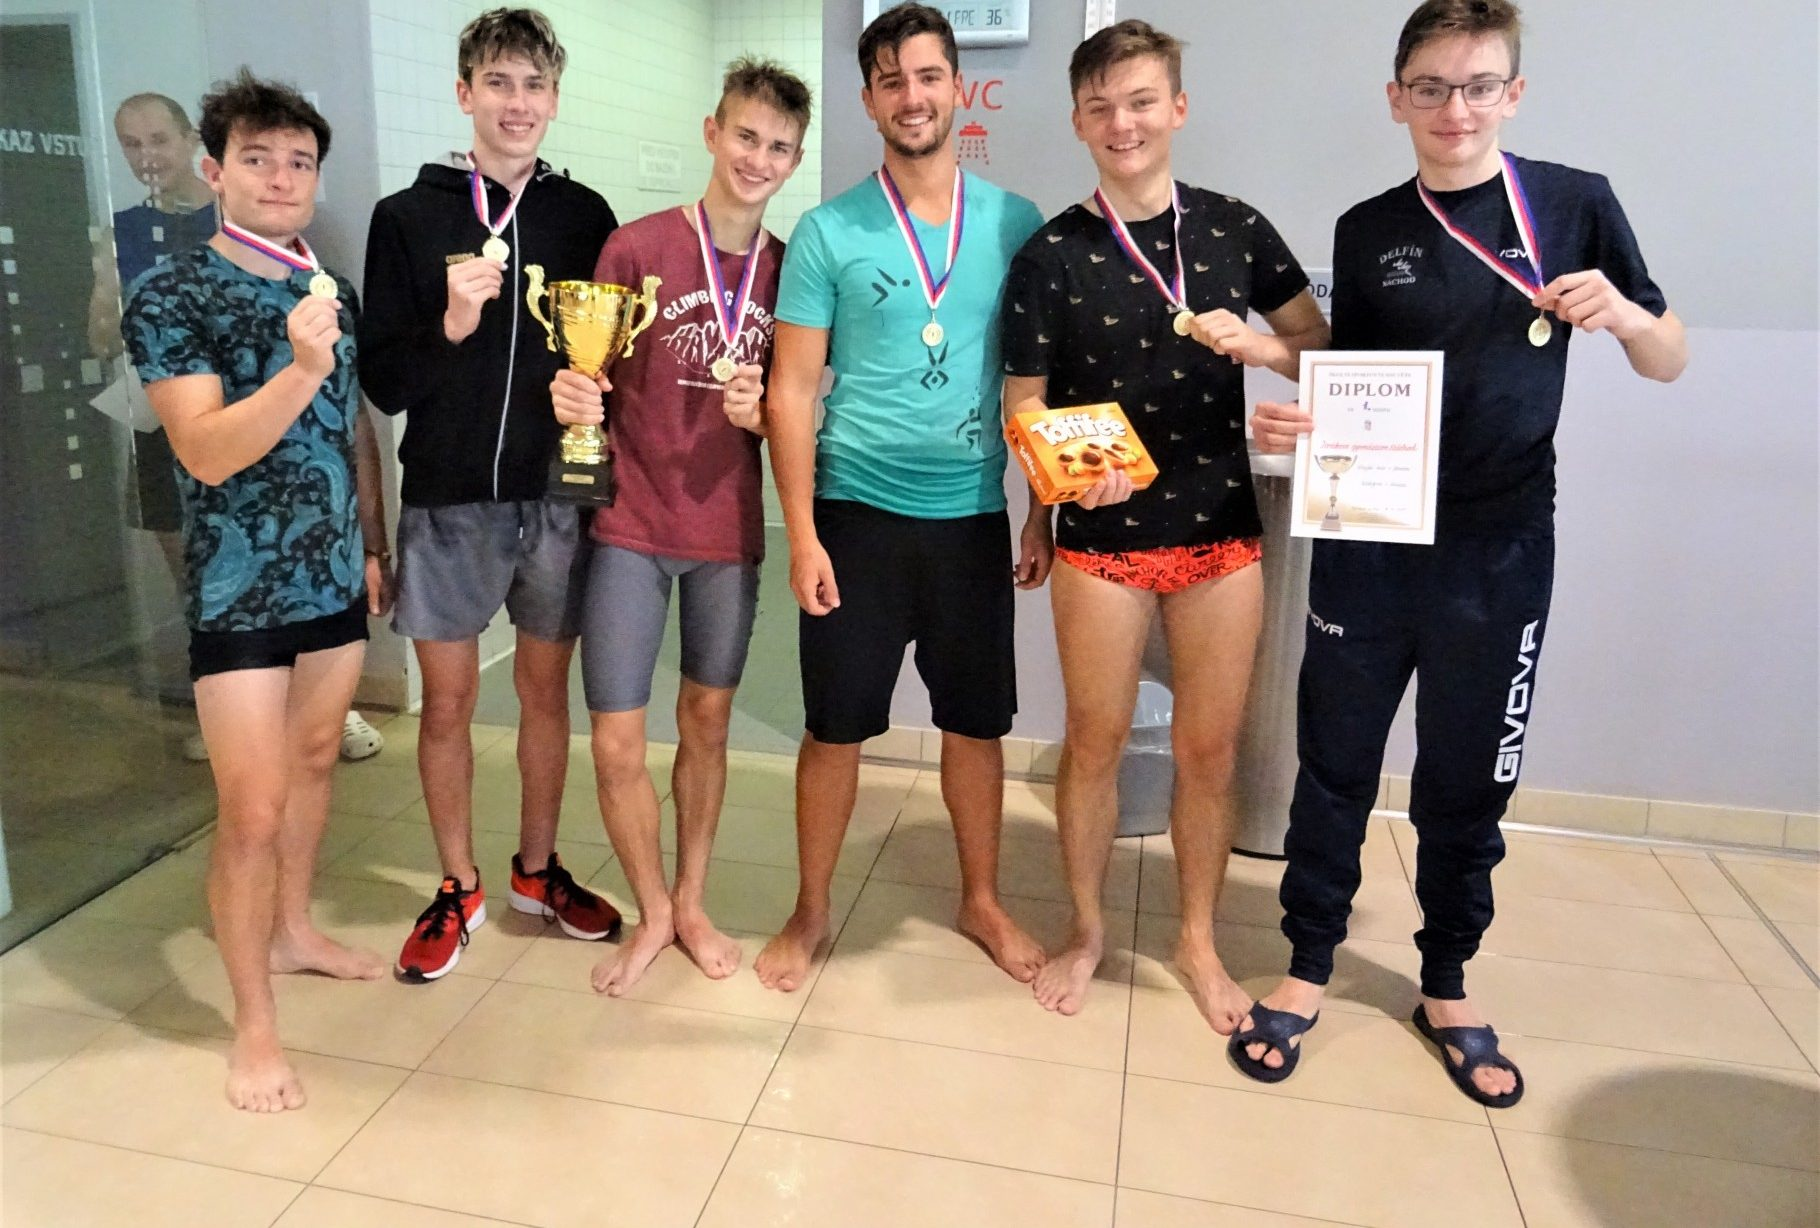 Družstva plavkyň iplavců si vybojovala účast na republikovém finále